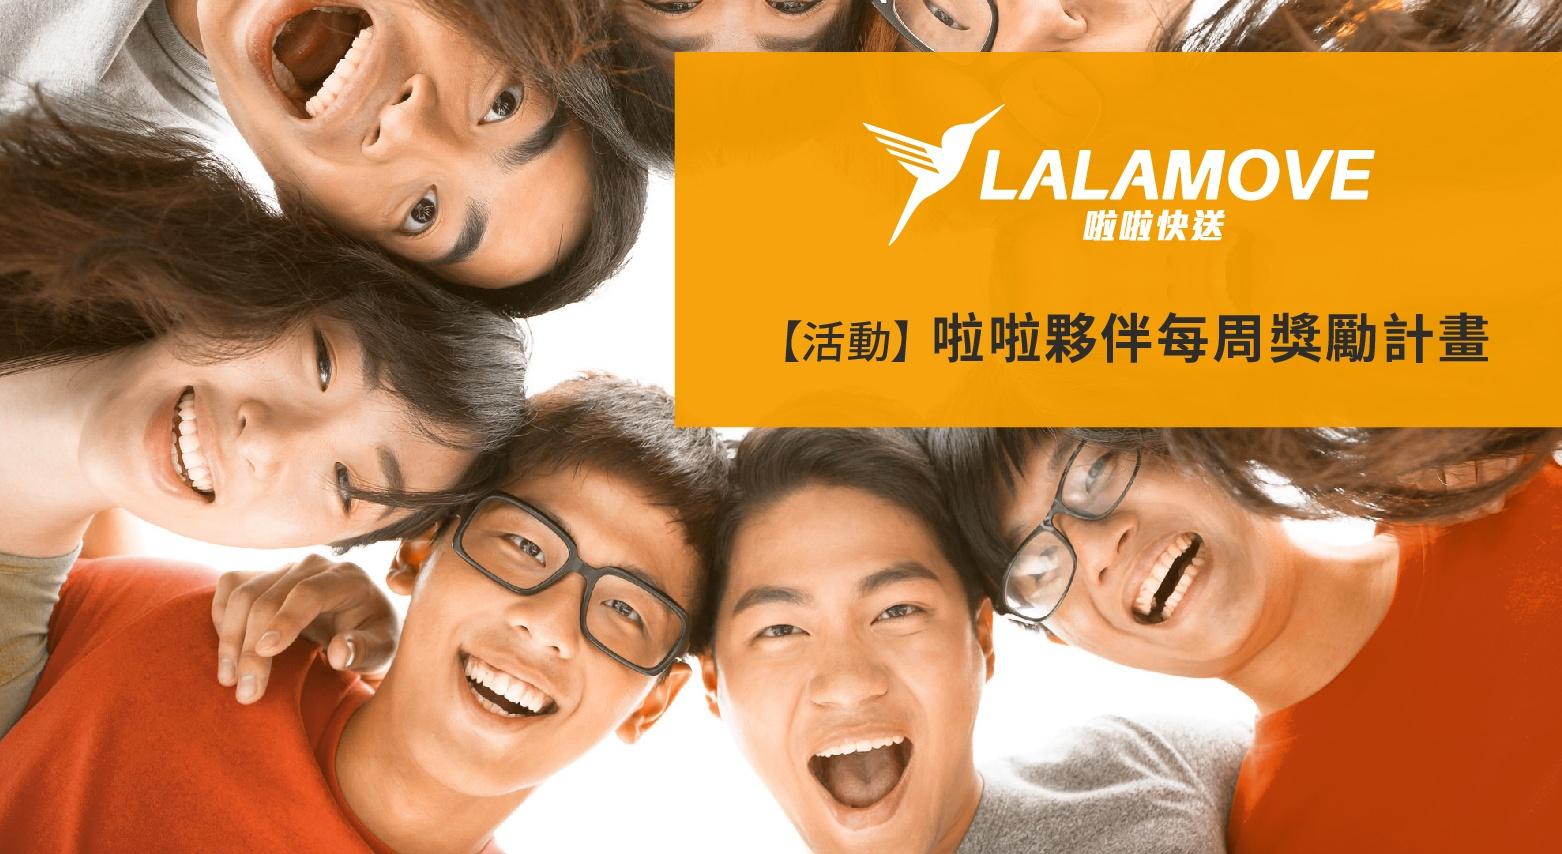 啦啦夥伴每周獎勵計畫-Blog-Banner-750x410px-2ai-01.jpg